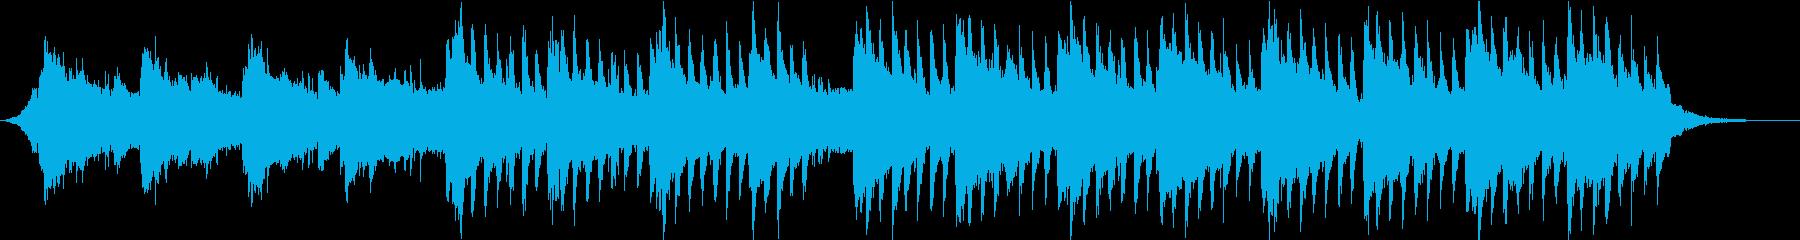 綺麗・美しい・幻想的おしゃれトロピカル③の再生済みの波形